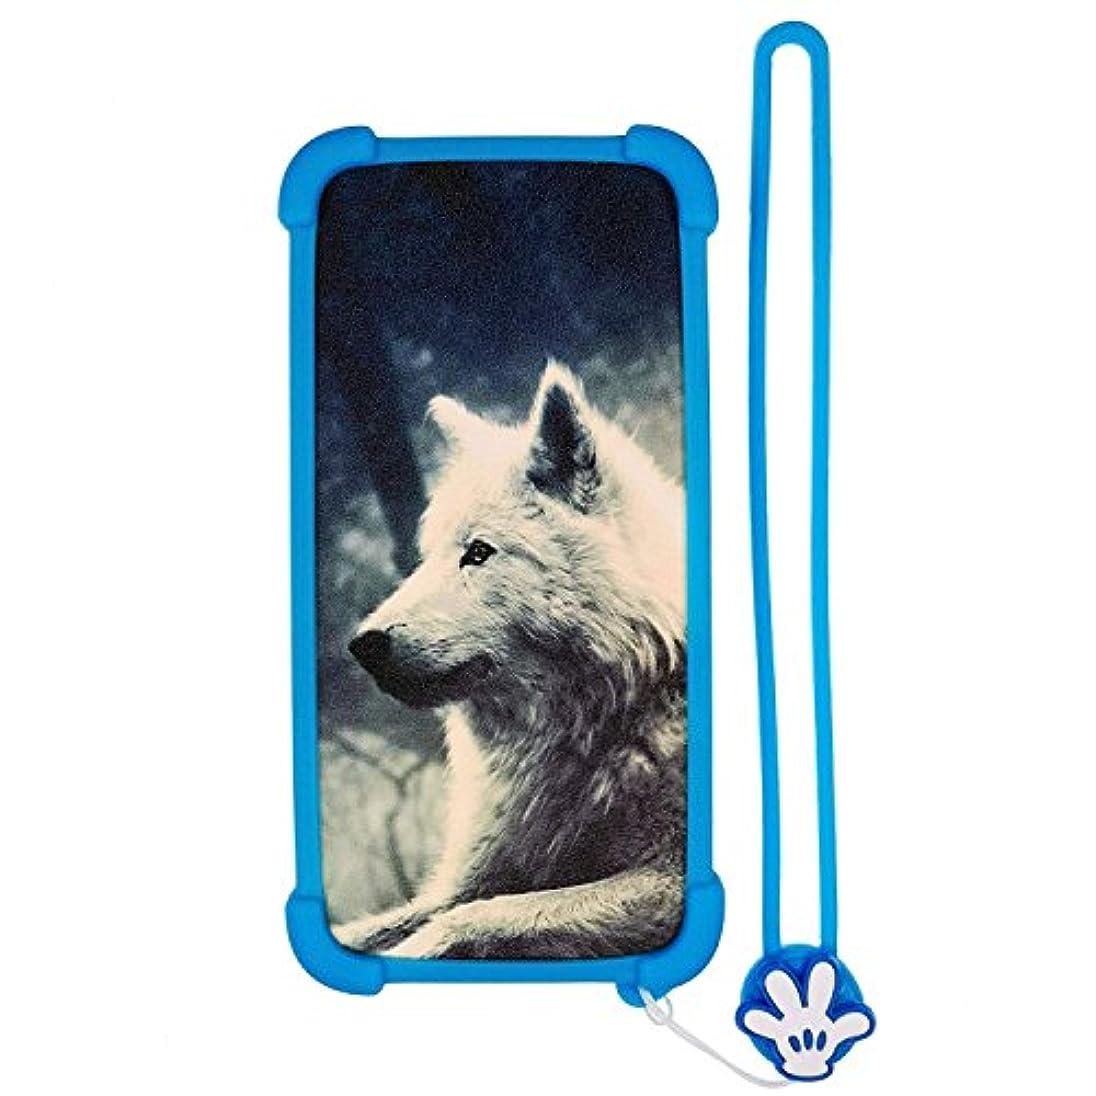 治世屋内部分的ケース Kruger Matz Smartfon Live 6+Plus ケース シリコーンフレーム + PC バックプレーンは立つことができる Lang